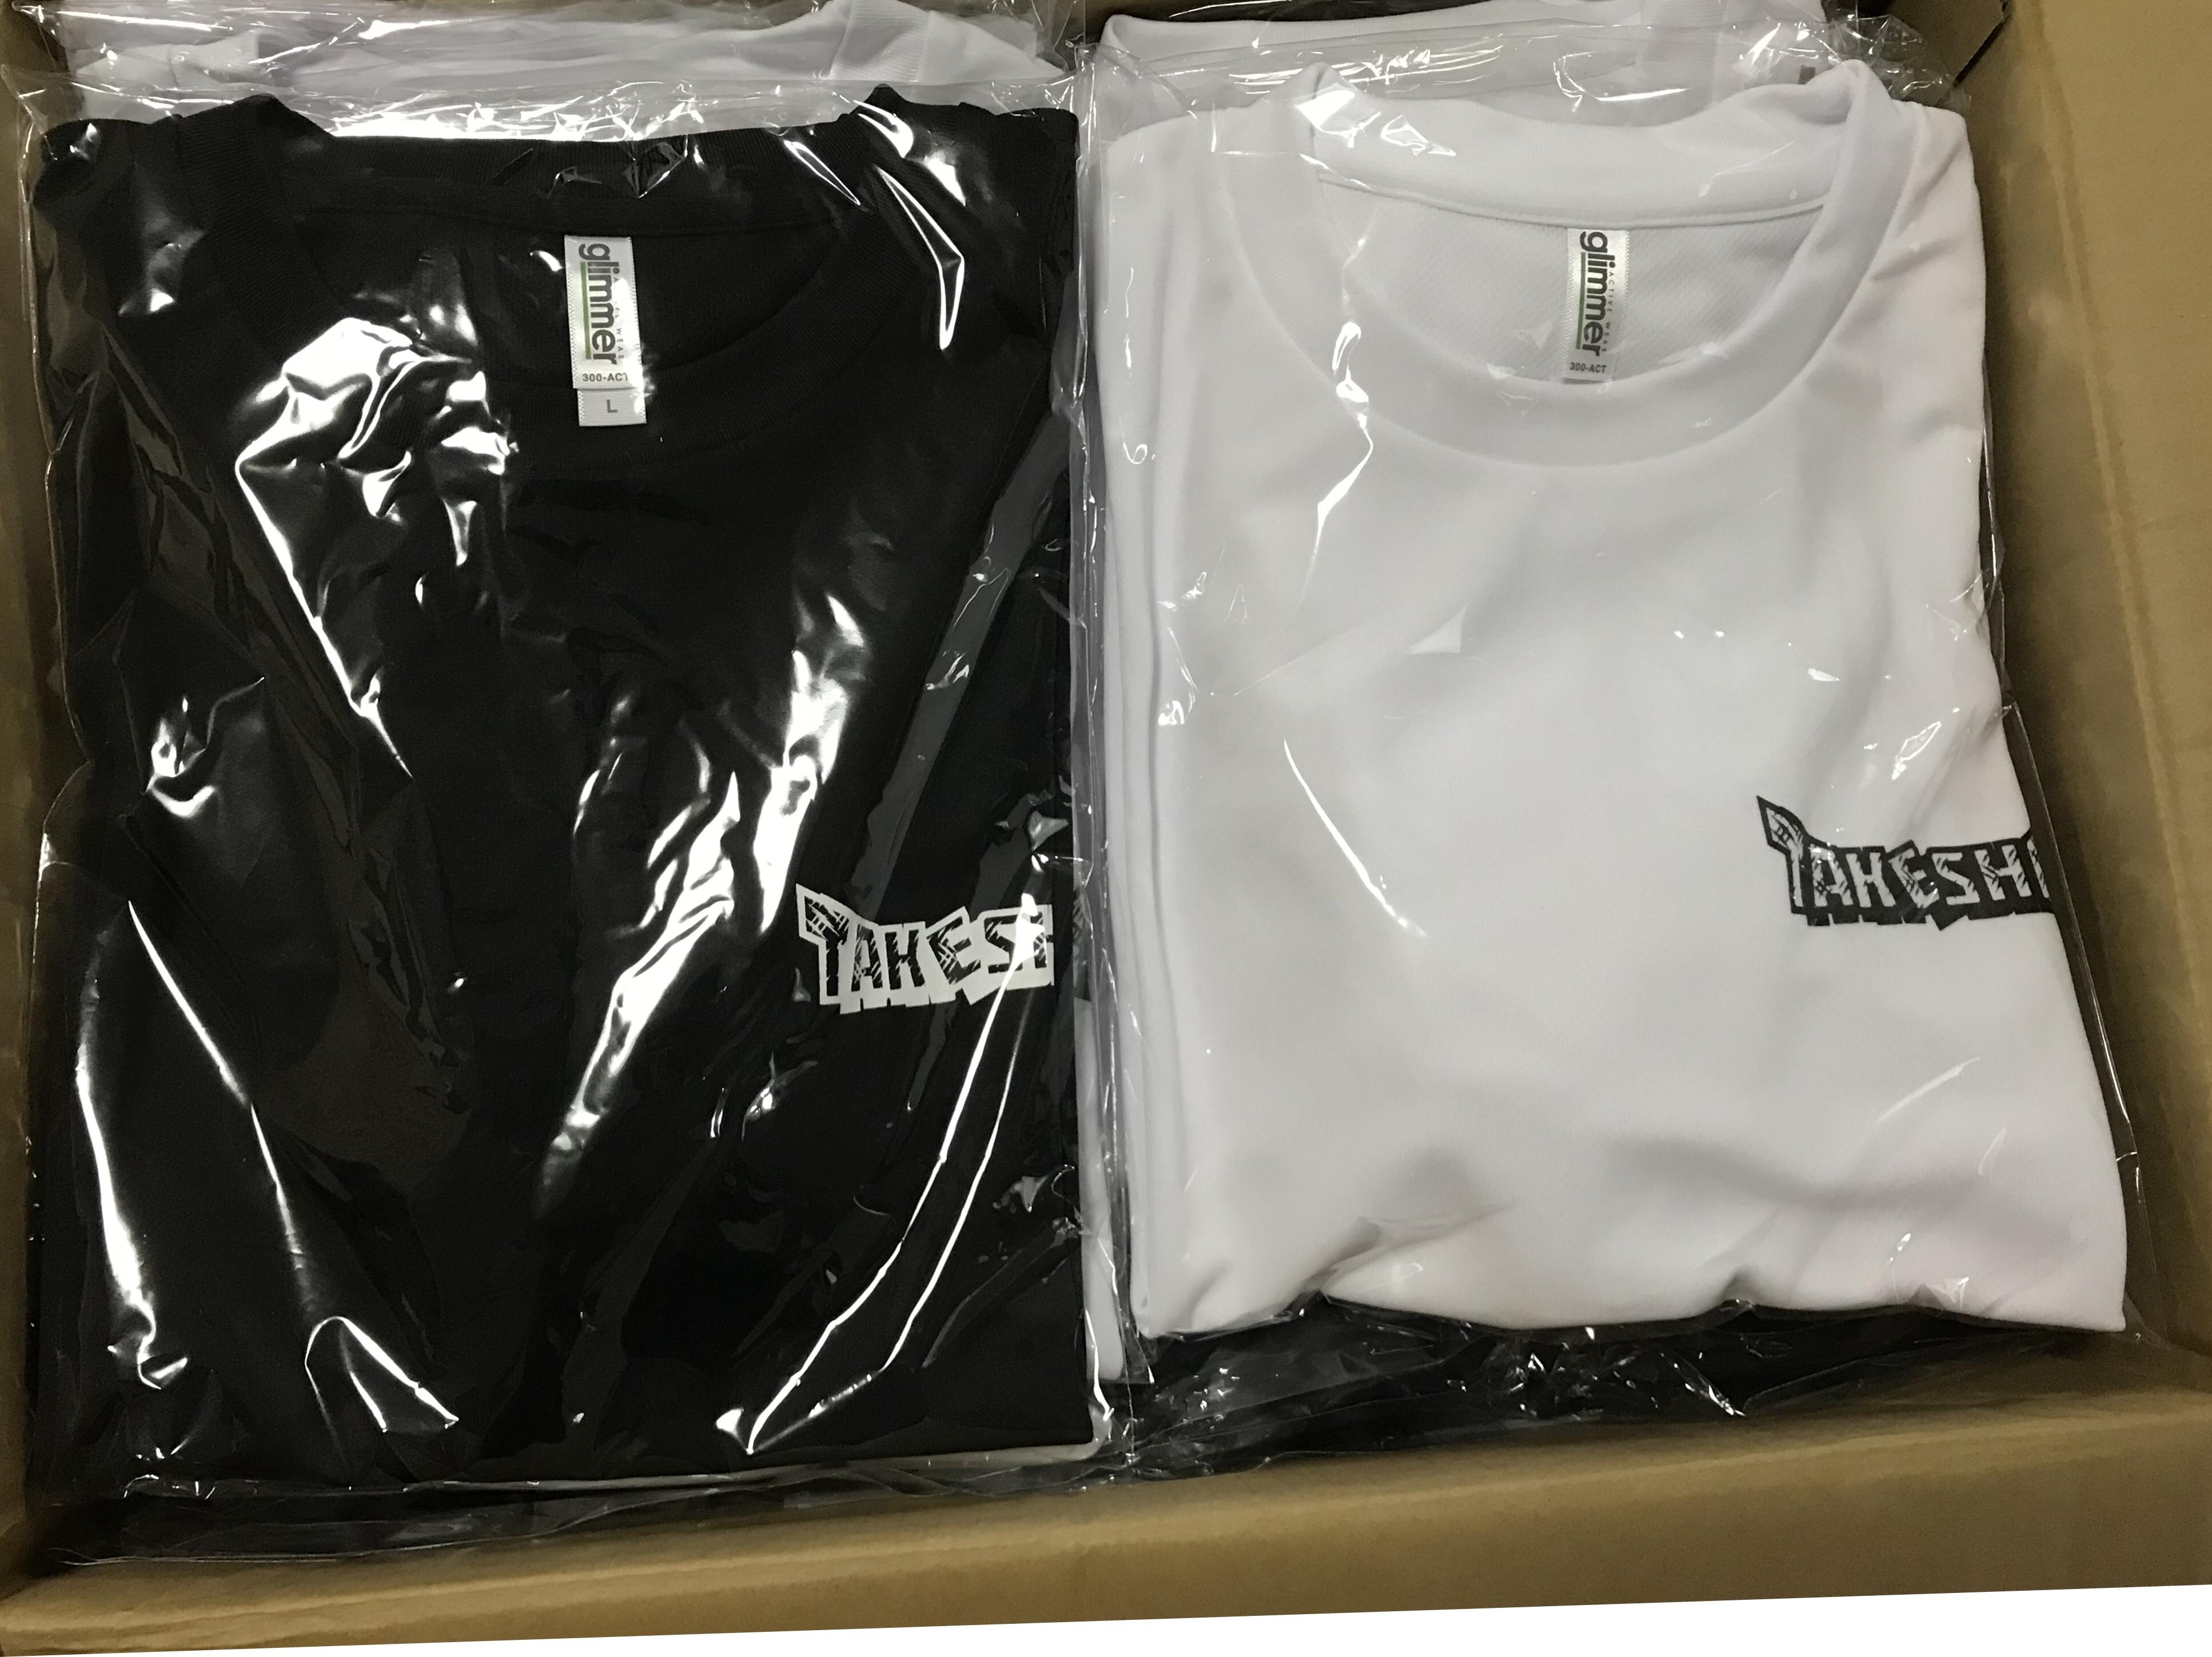 応援Tシャツ ブラックver. 販売のお知らせ!